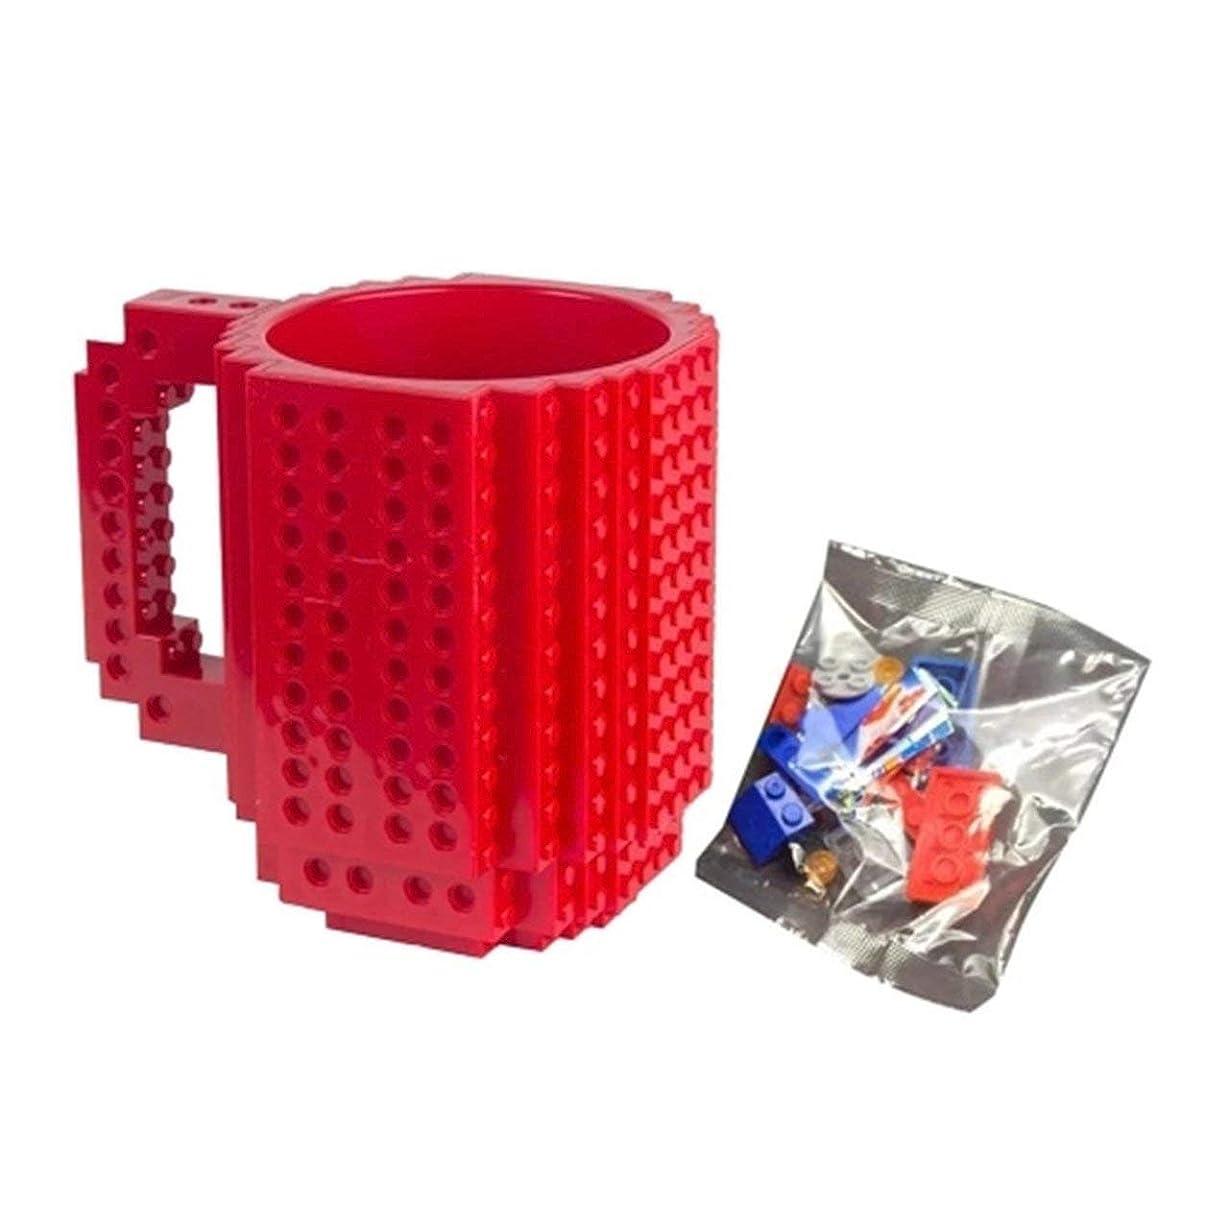 部分的に発火するポークSaikogoods レンガマグカップDIY?ビルディング?ブロックのコーヒーカップを構築 赤